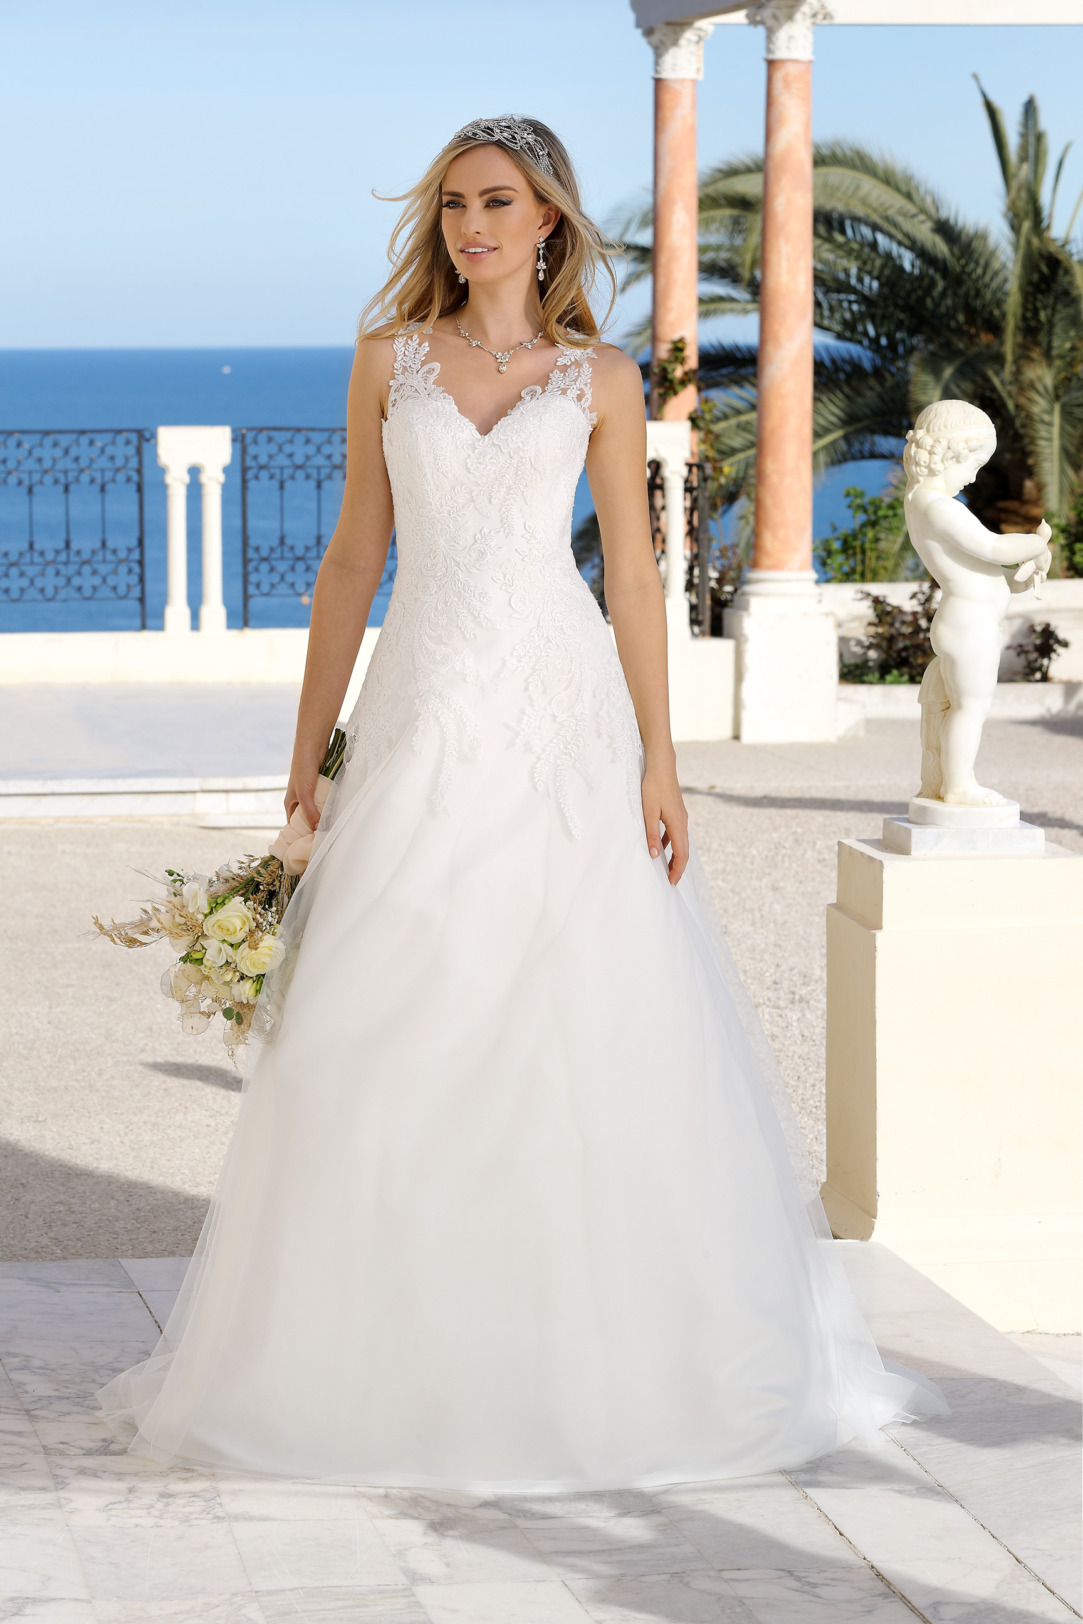 Hochzeitskleid in klassischer A Linie von Ladybird Modell 421053. Brautkleid in A-Linie mit V Ausschnitt und breiten Trägern mit feinsten Spitzen Applikationen